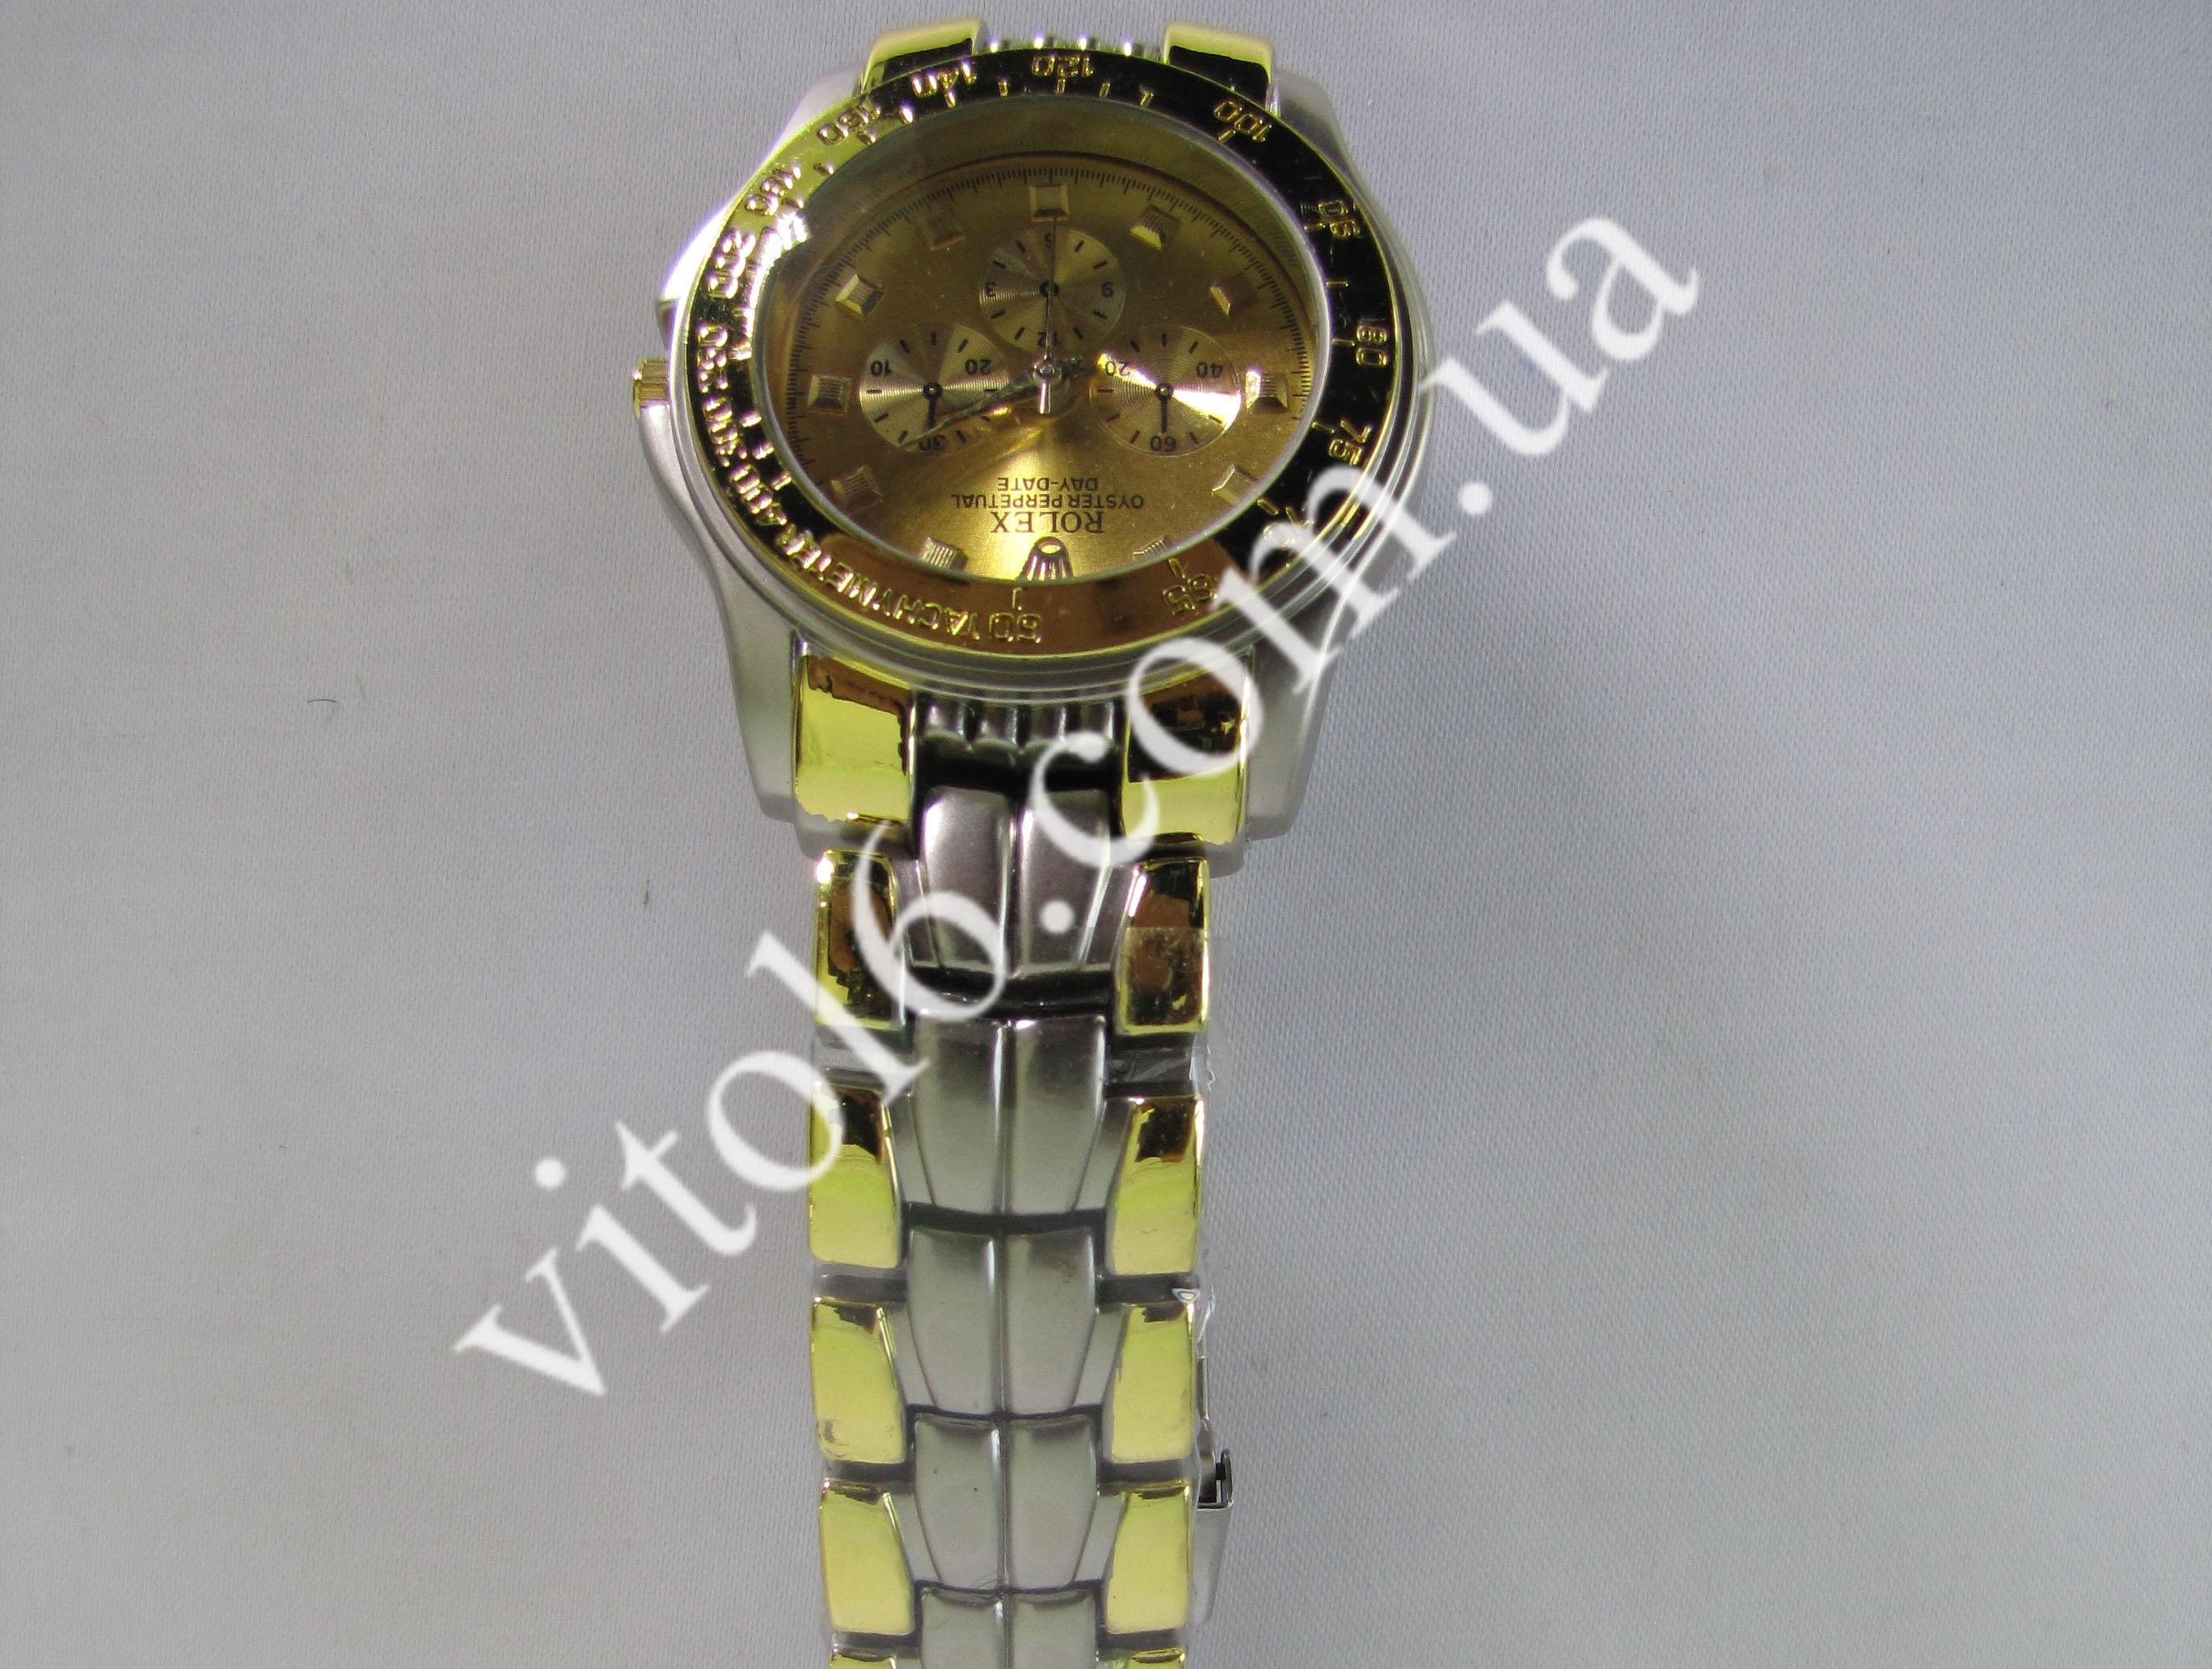 Часы 190 гр Romix электрон.з/с сVT6-11247 (200 шт)